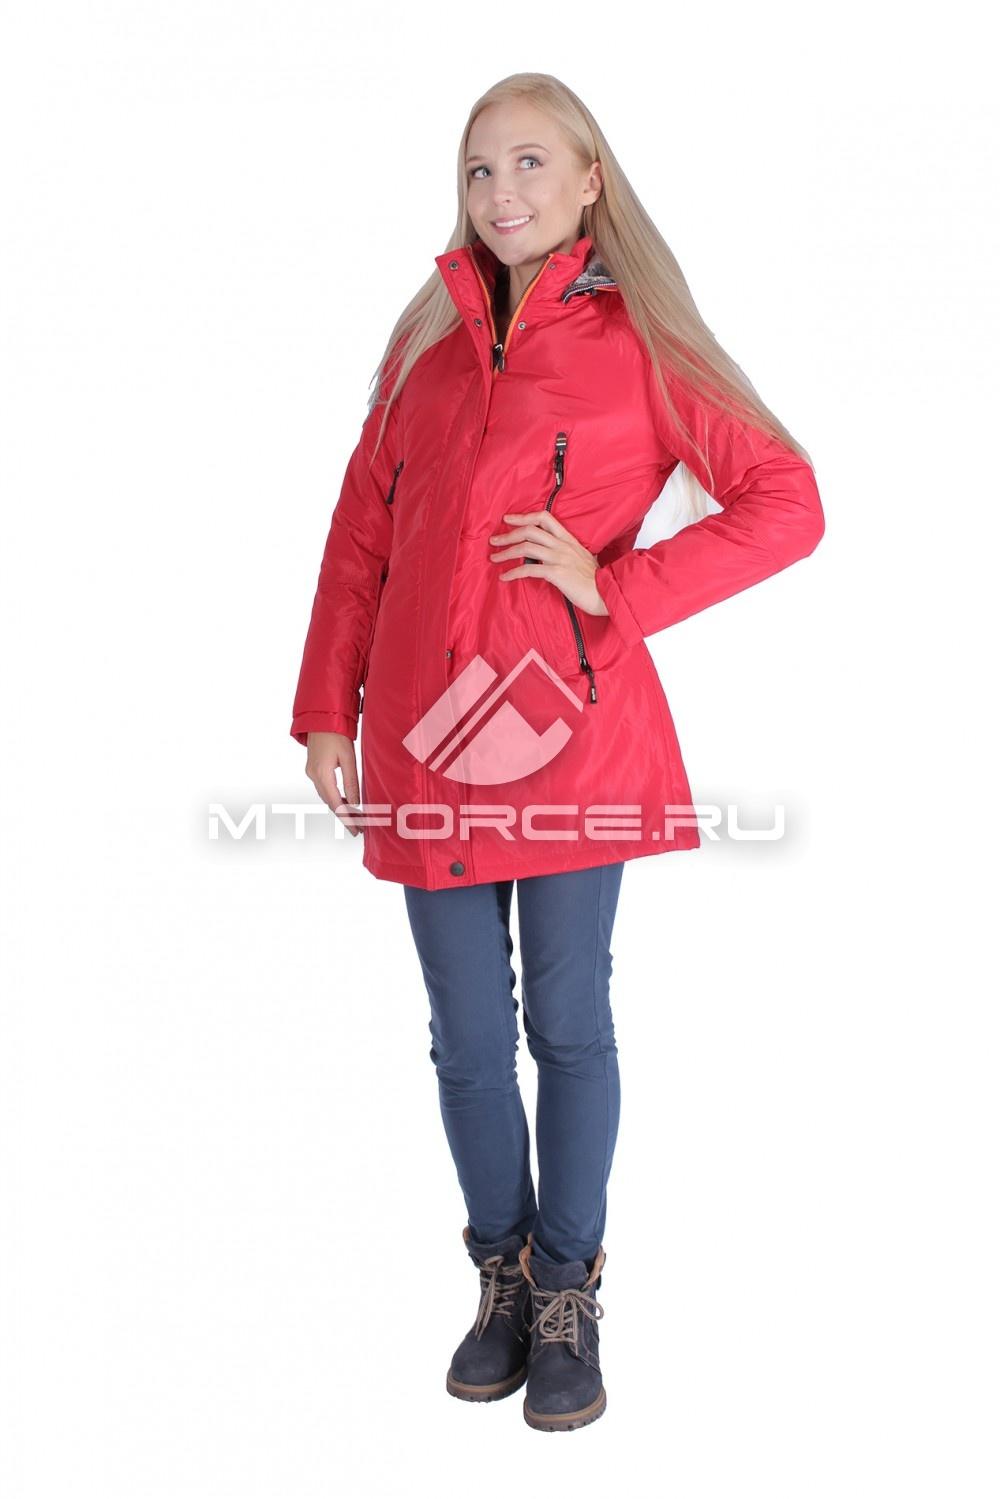 Купить  оптом Итальянская куртка женская красного цвета 1691Kr